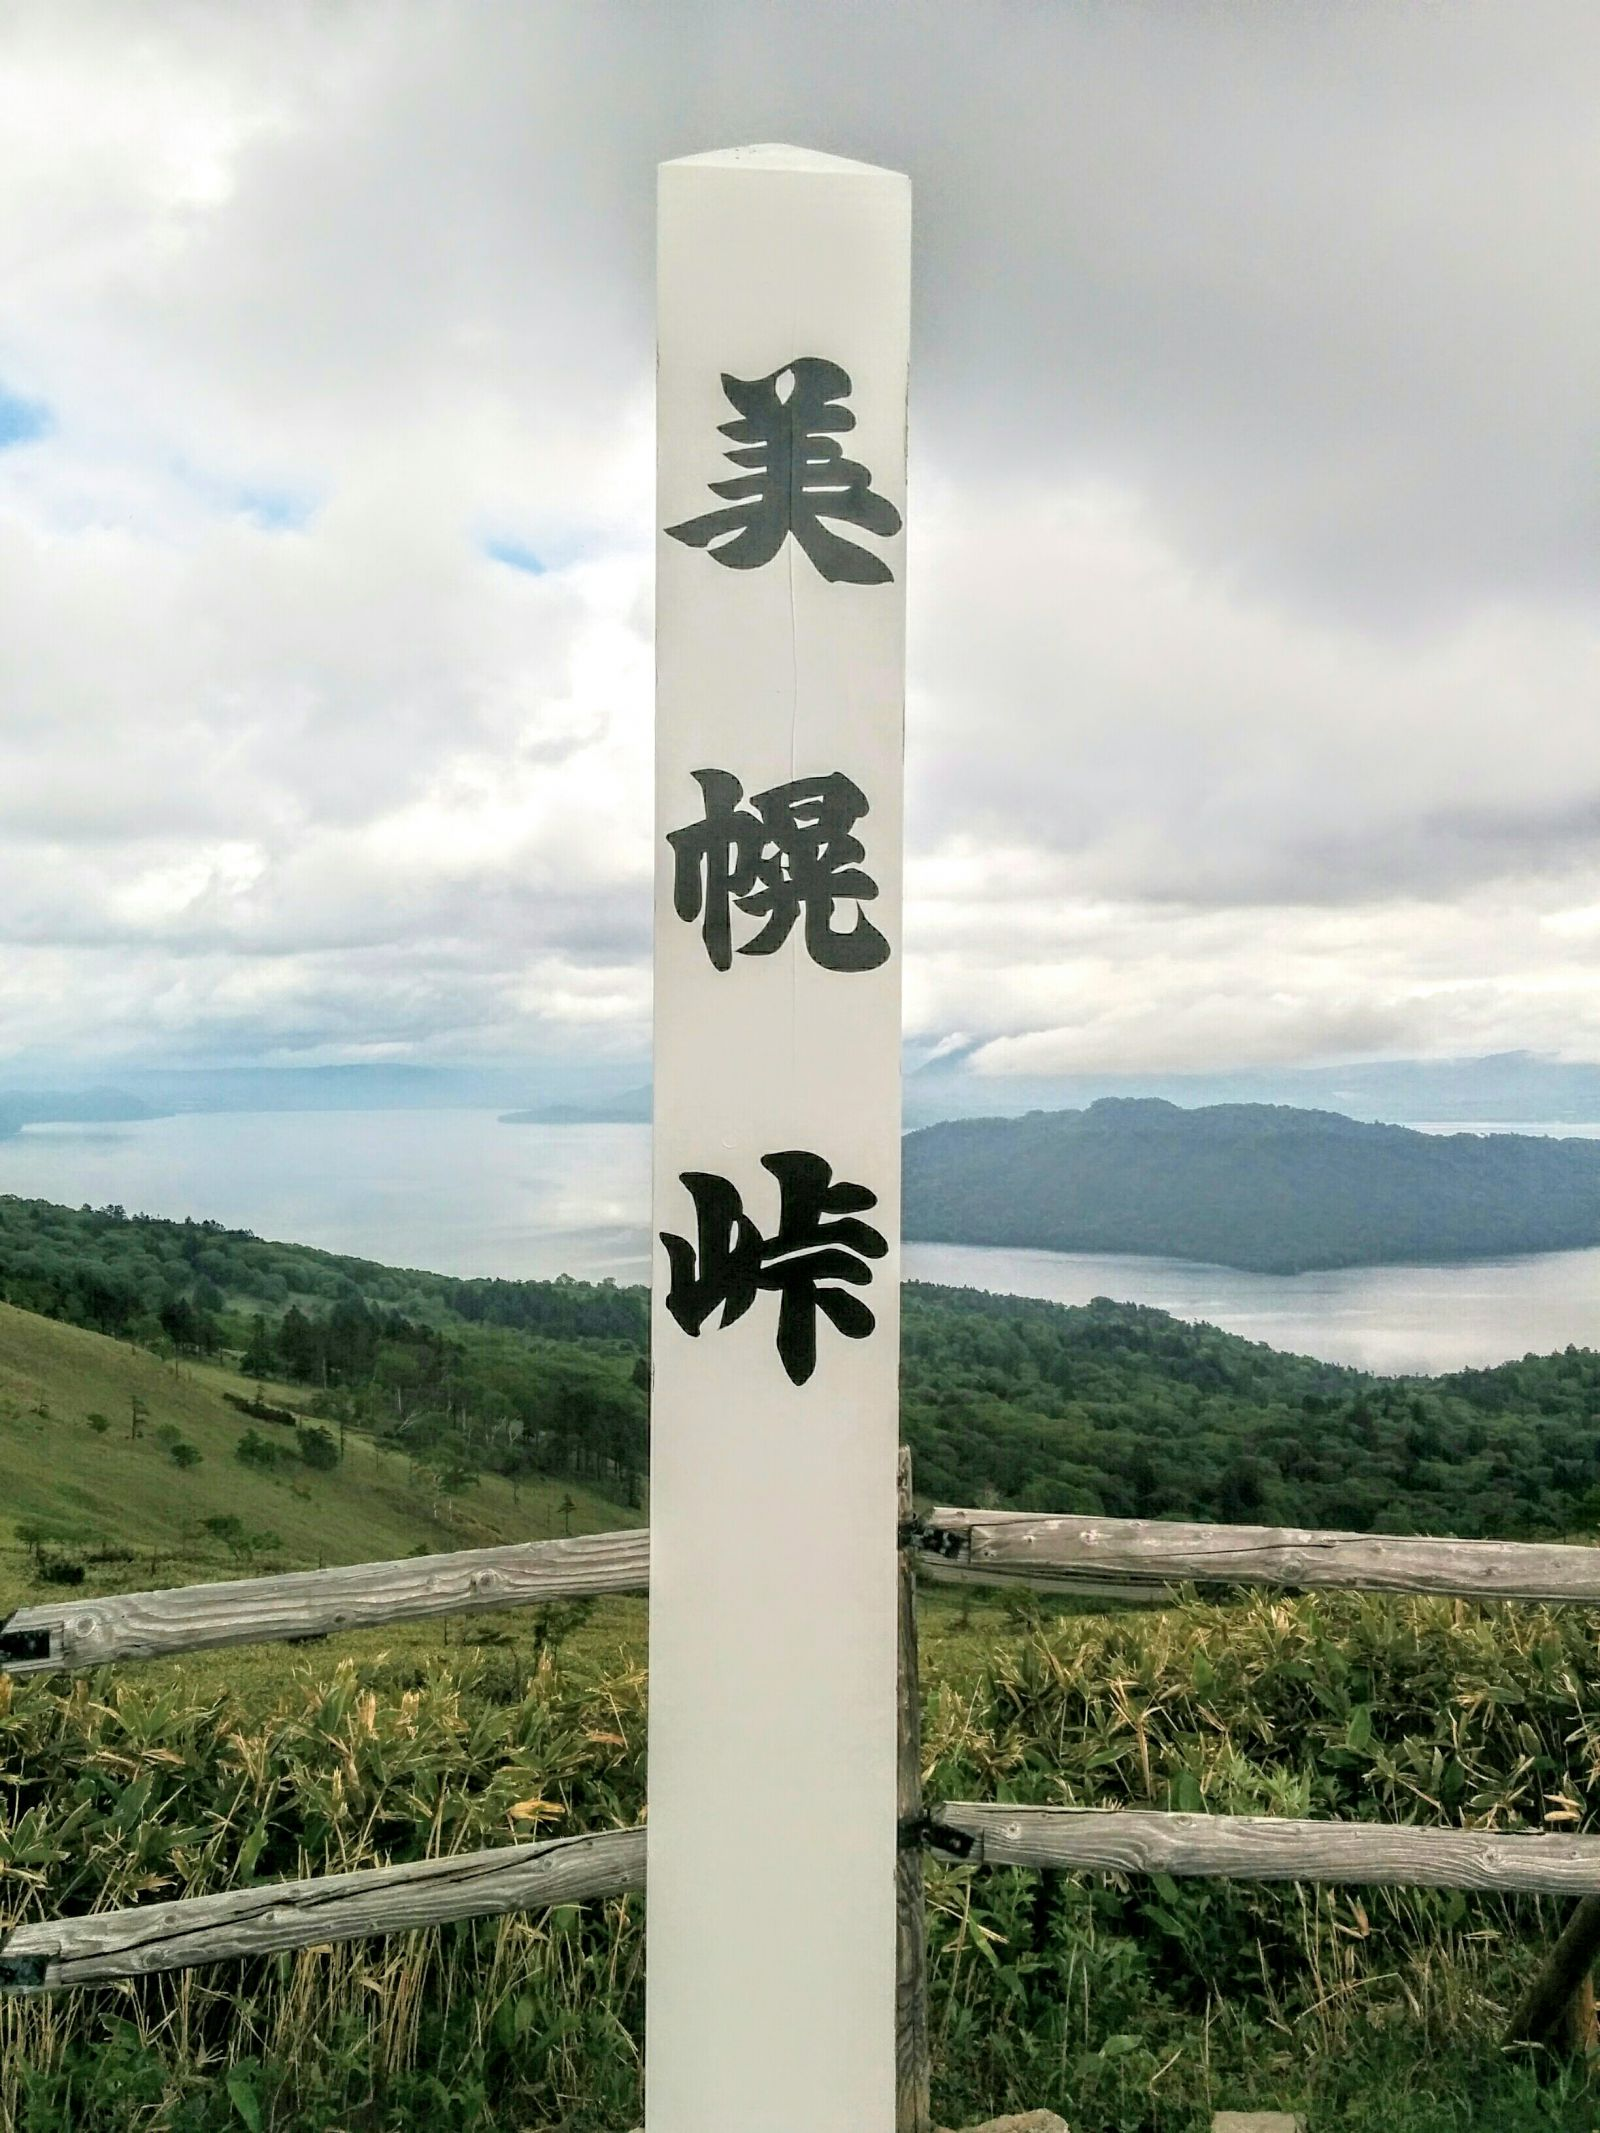 【美幌町】美幌峠観光案内です。